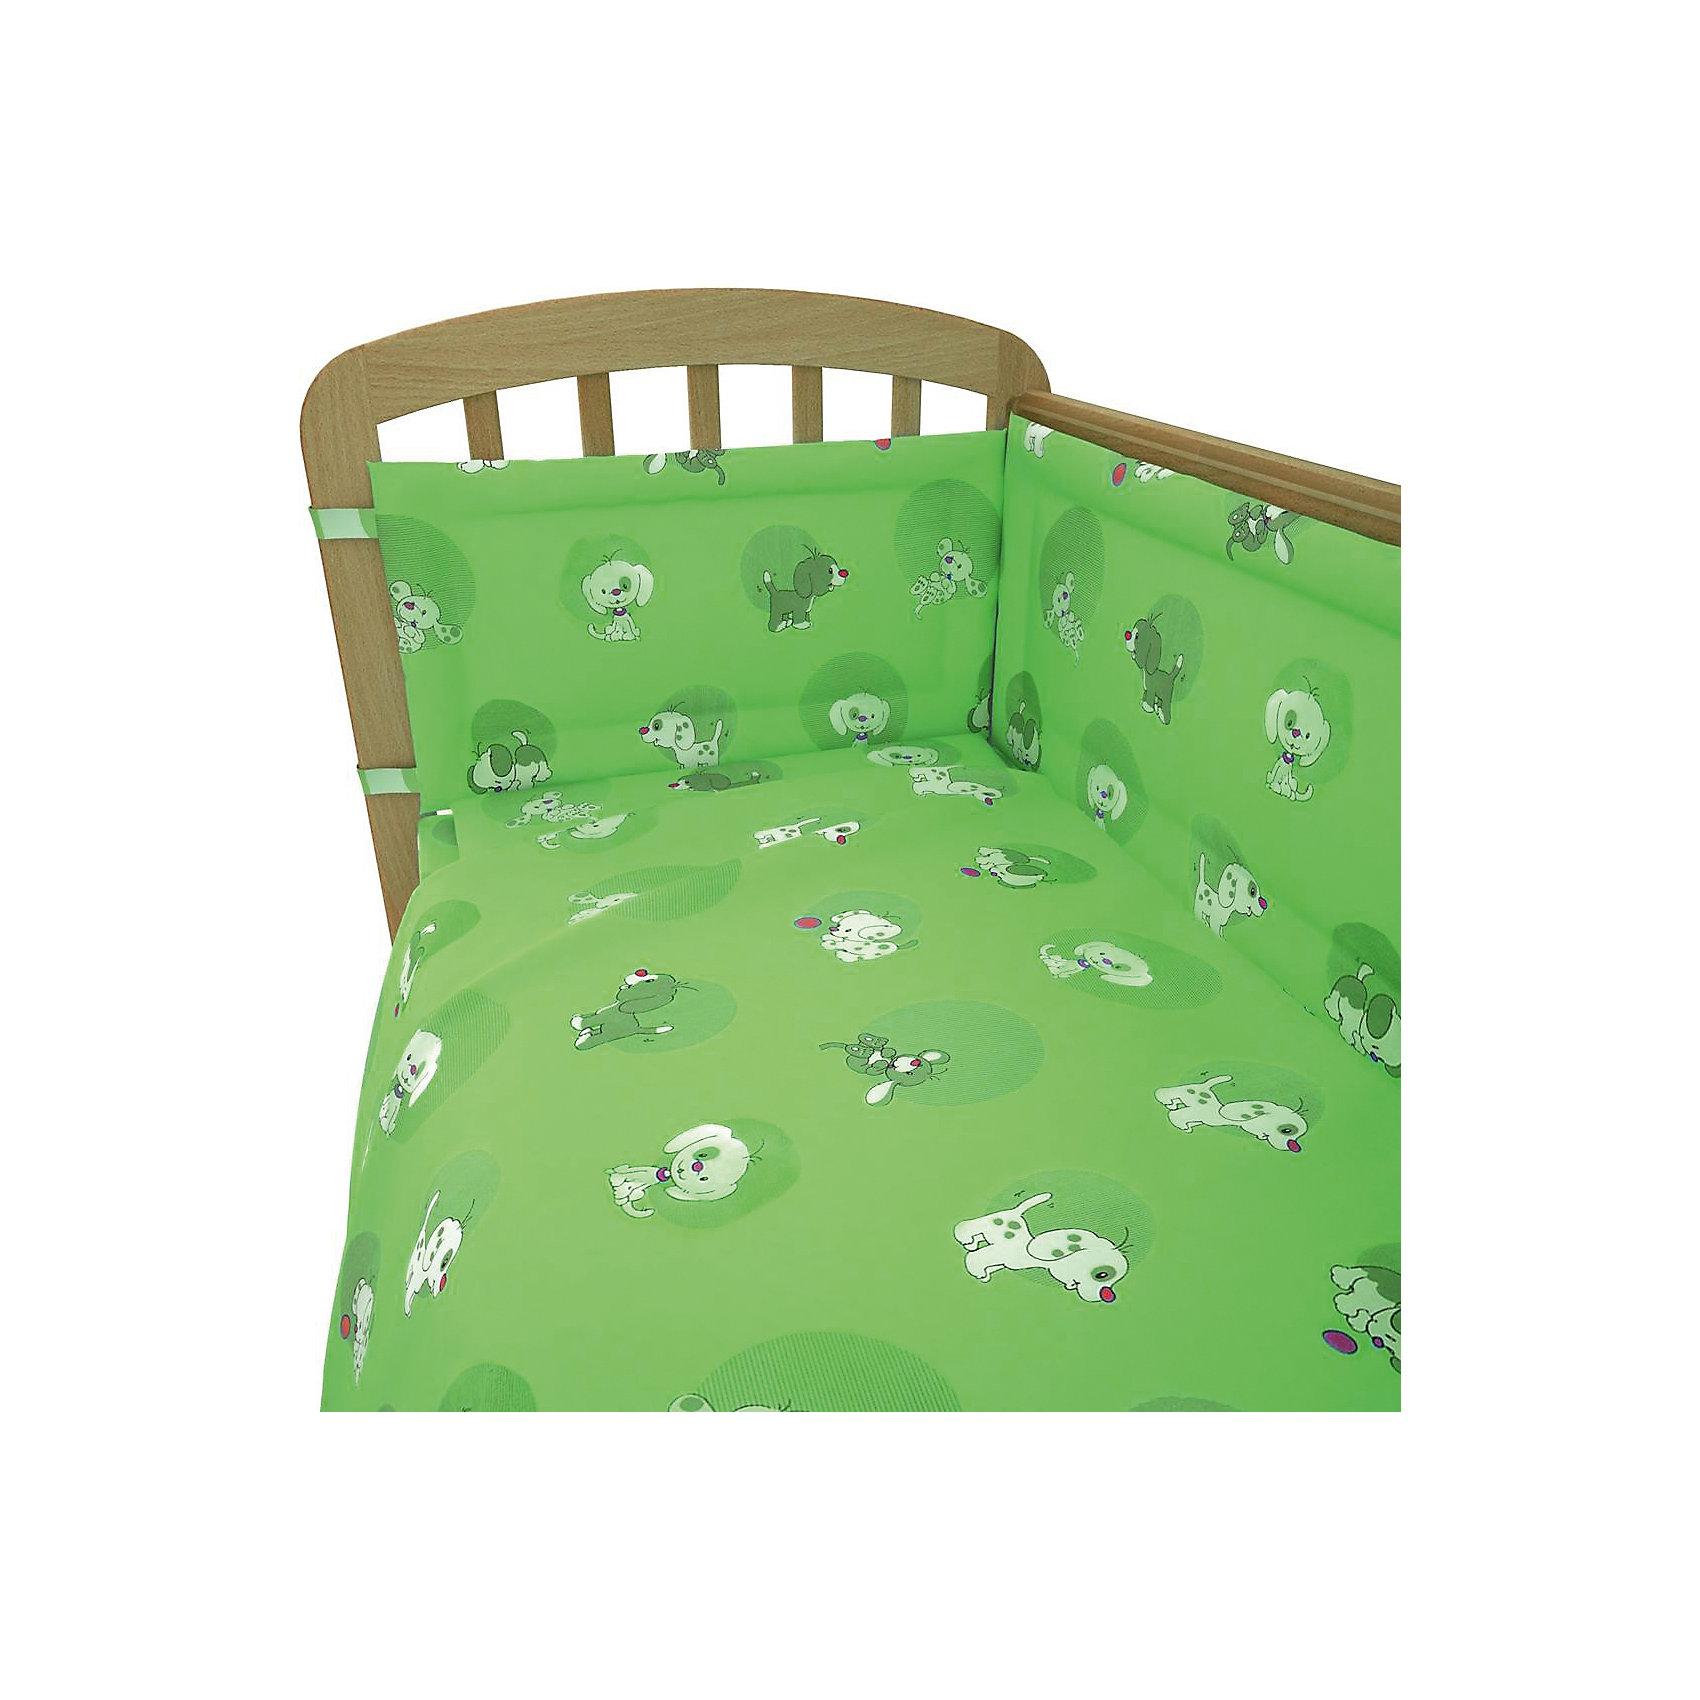 Постельное белье Наши друзья 3 пред., Фея, зеленыйПостельное бельё<br>Хорошее постельное белье для детей делается из натуральных материалов. Этот комплект, состоящий  из наволочки, простыни и пододеяльника, сшит из хлопка, гипоаллергенного, приятного на ощупь и позволяющего коже дышать.<br>Все предметы из набора - стандартных размеров, отлично подойдут к обычной подушке, матрасу и одеялу. Простыня - на резинке, это поможет обеспечить малышу комфорт на всю ночь. Комплект украшен принтом с щенками - на нем малышу будет приятно засыпать! Симпатичная расцветка комплекта отлично подойдет к интерьеру детской.<br><br>Дополнительная информация:<br><br>цвет: зеленый, принт;<br>материал: 100% хлопок;<br>наволочка: 40 х 60 см,<br>простыня на резинке: 120 х 60 см,<br>пододеяльник: 110 х 140 см.<br><br>Постельное белье Наши друзья 3 пред., торговой марки Фея можно купить в нашем магазине.<br><br>Ширина мм: 500<br>Глубина мм: 600<br>Высота мм: 100<br>Вес г: 700<br>Возраст от месяцев: 0<br>Возраст до месяцев: 36<br>Пол: Унисекс<br>Возраст: Детский<br>SKU: 4873633